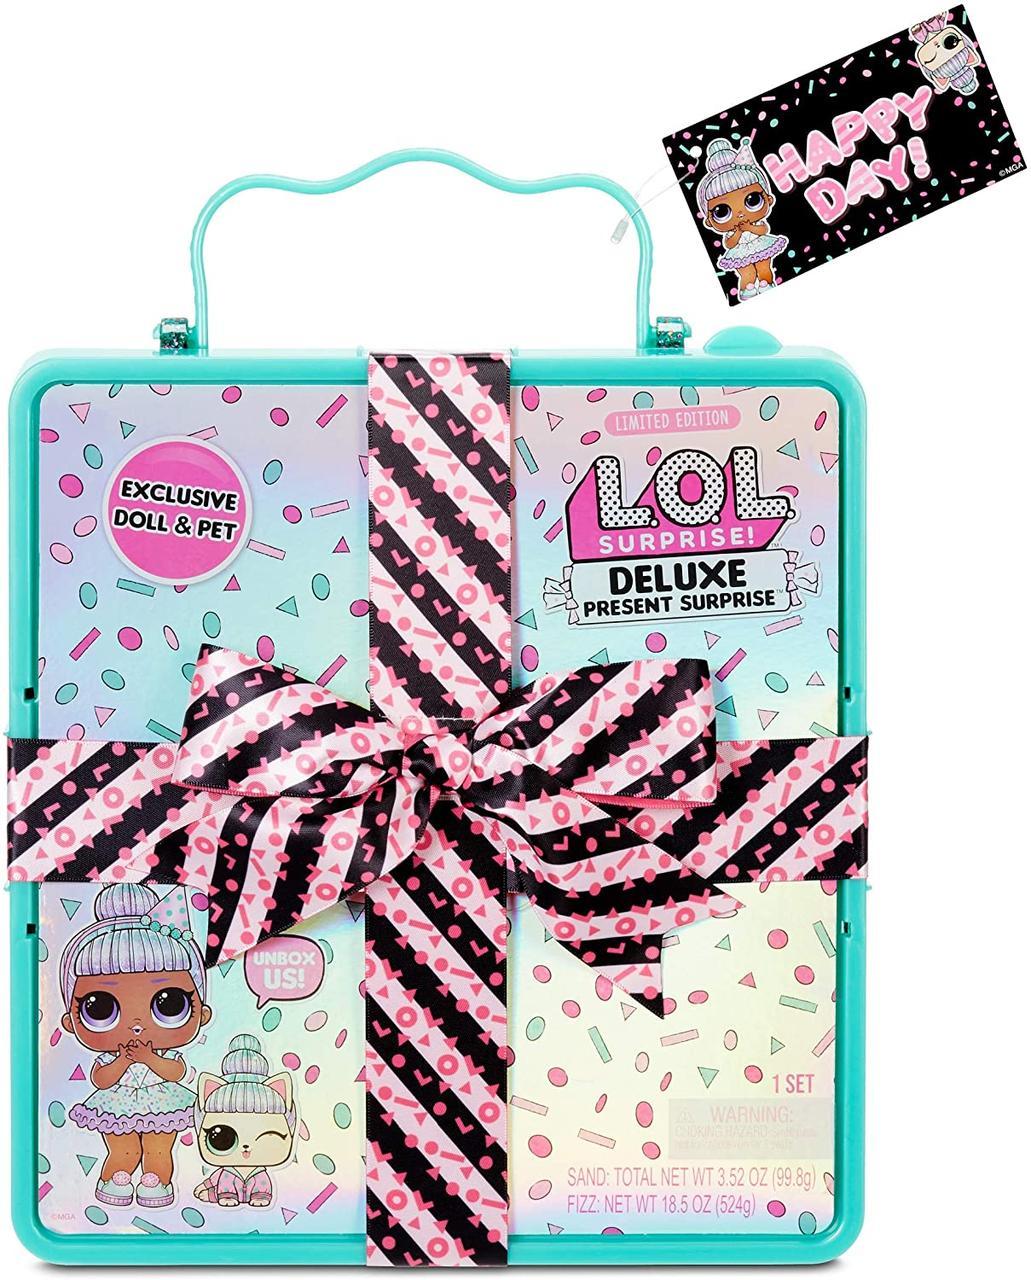 Подарочный набор ЛОЛ с эксклюзивной куклой Супер-подарок бирюзовый L.O.L. Surprise Deluxe Present Surprise